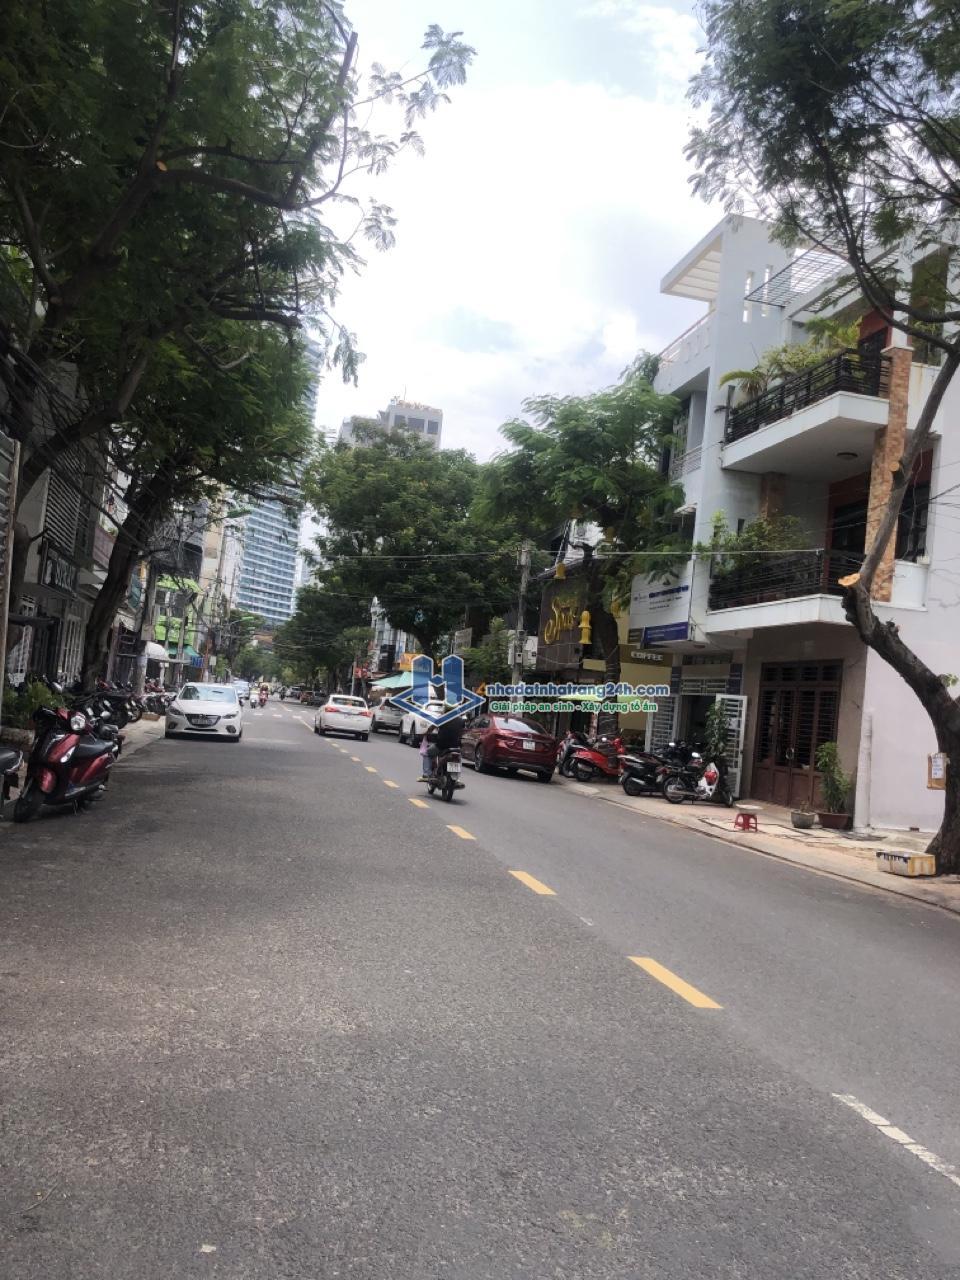 Bán nhà đường Bạch Đằng, P. Tân Lập, Nha Trang